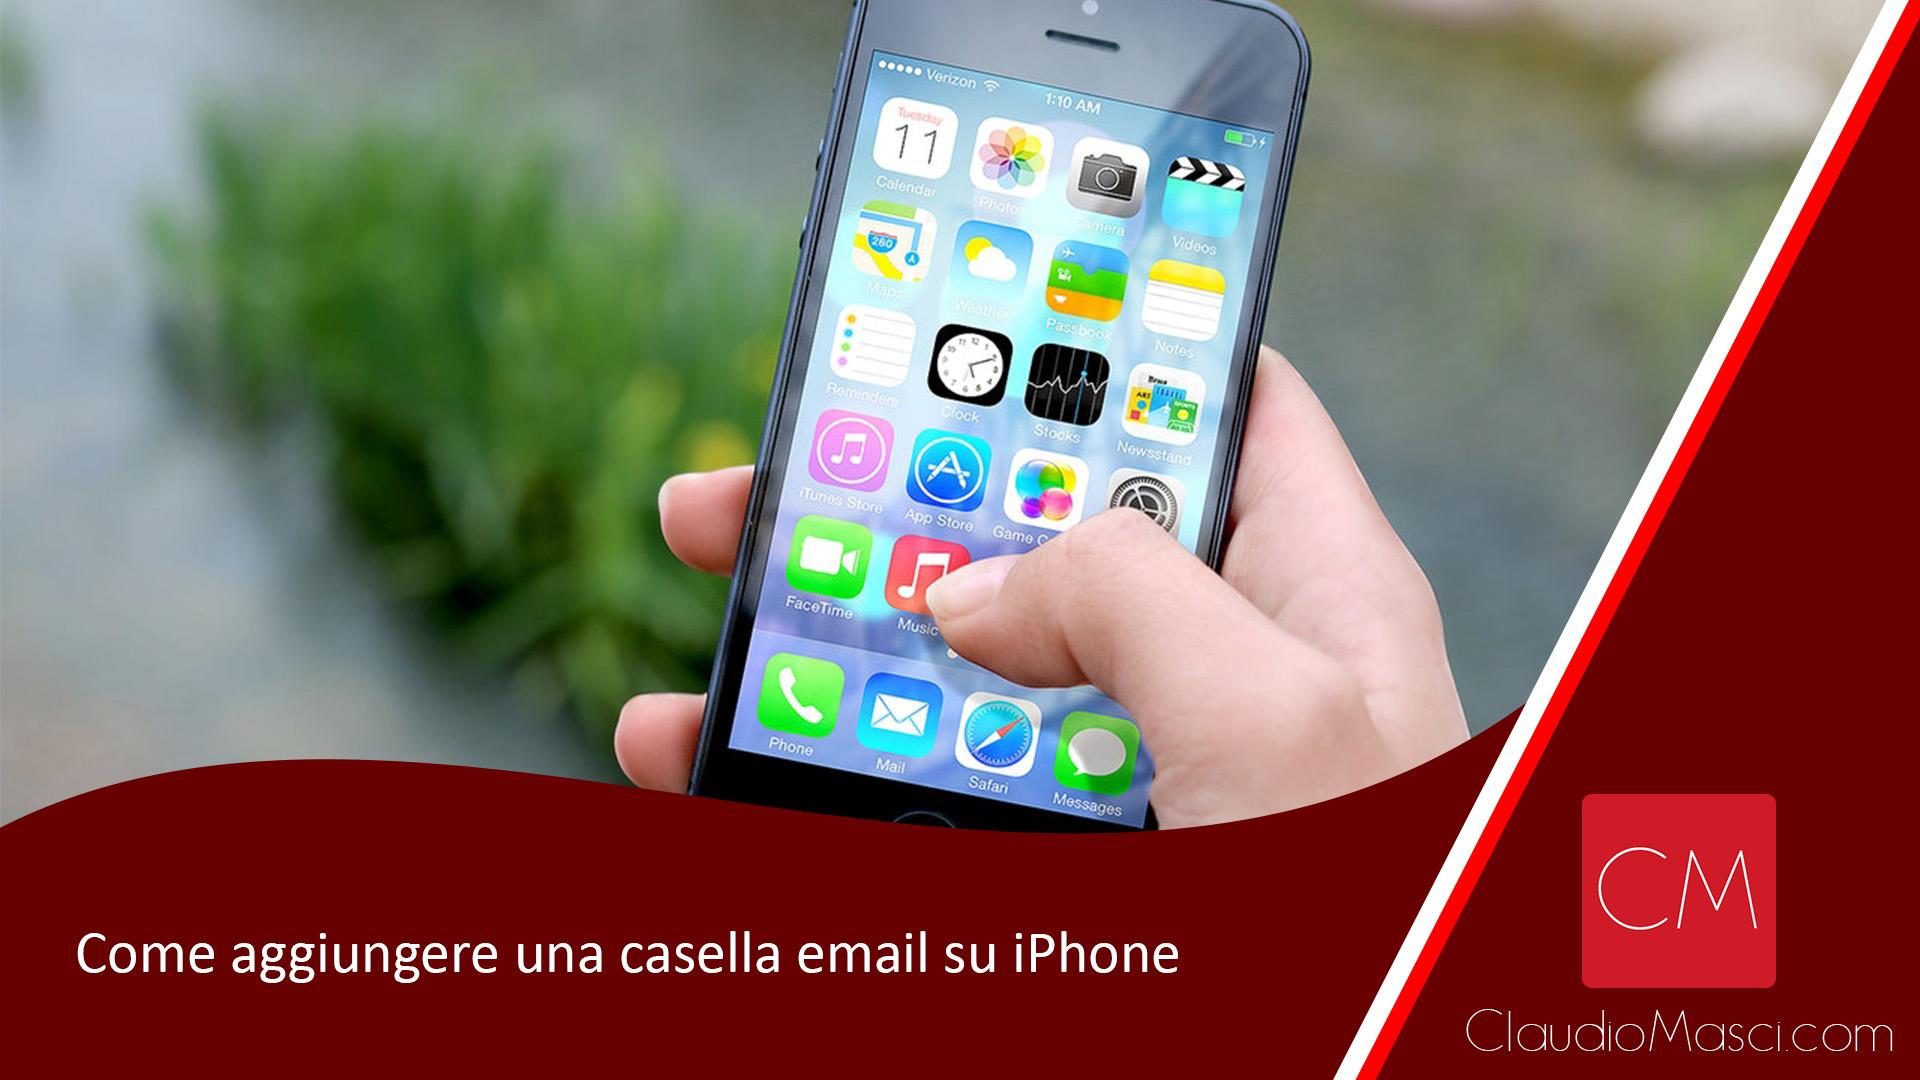 Come aggiungere una casella email su iPhone